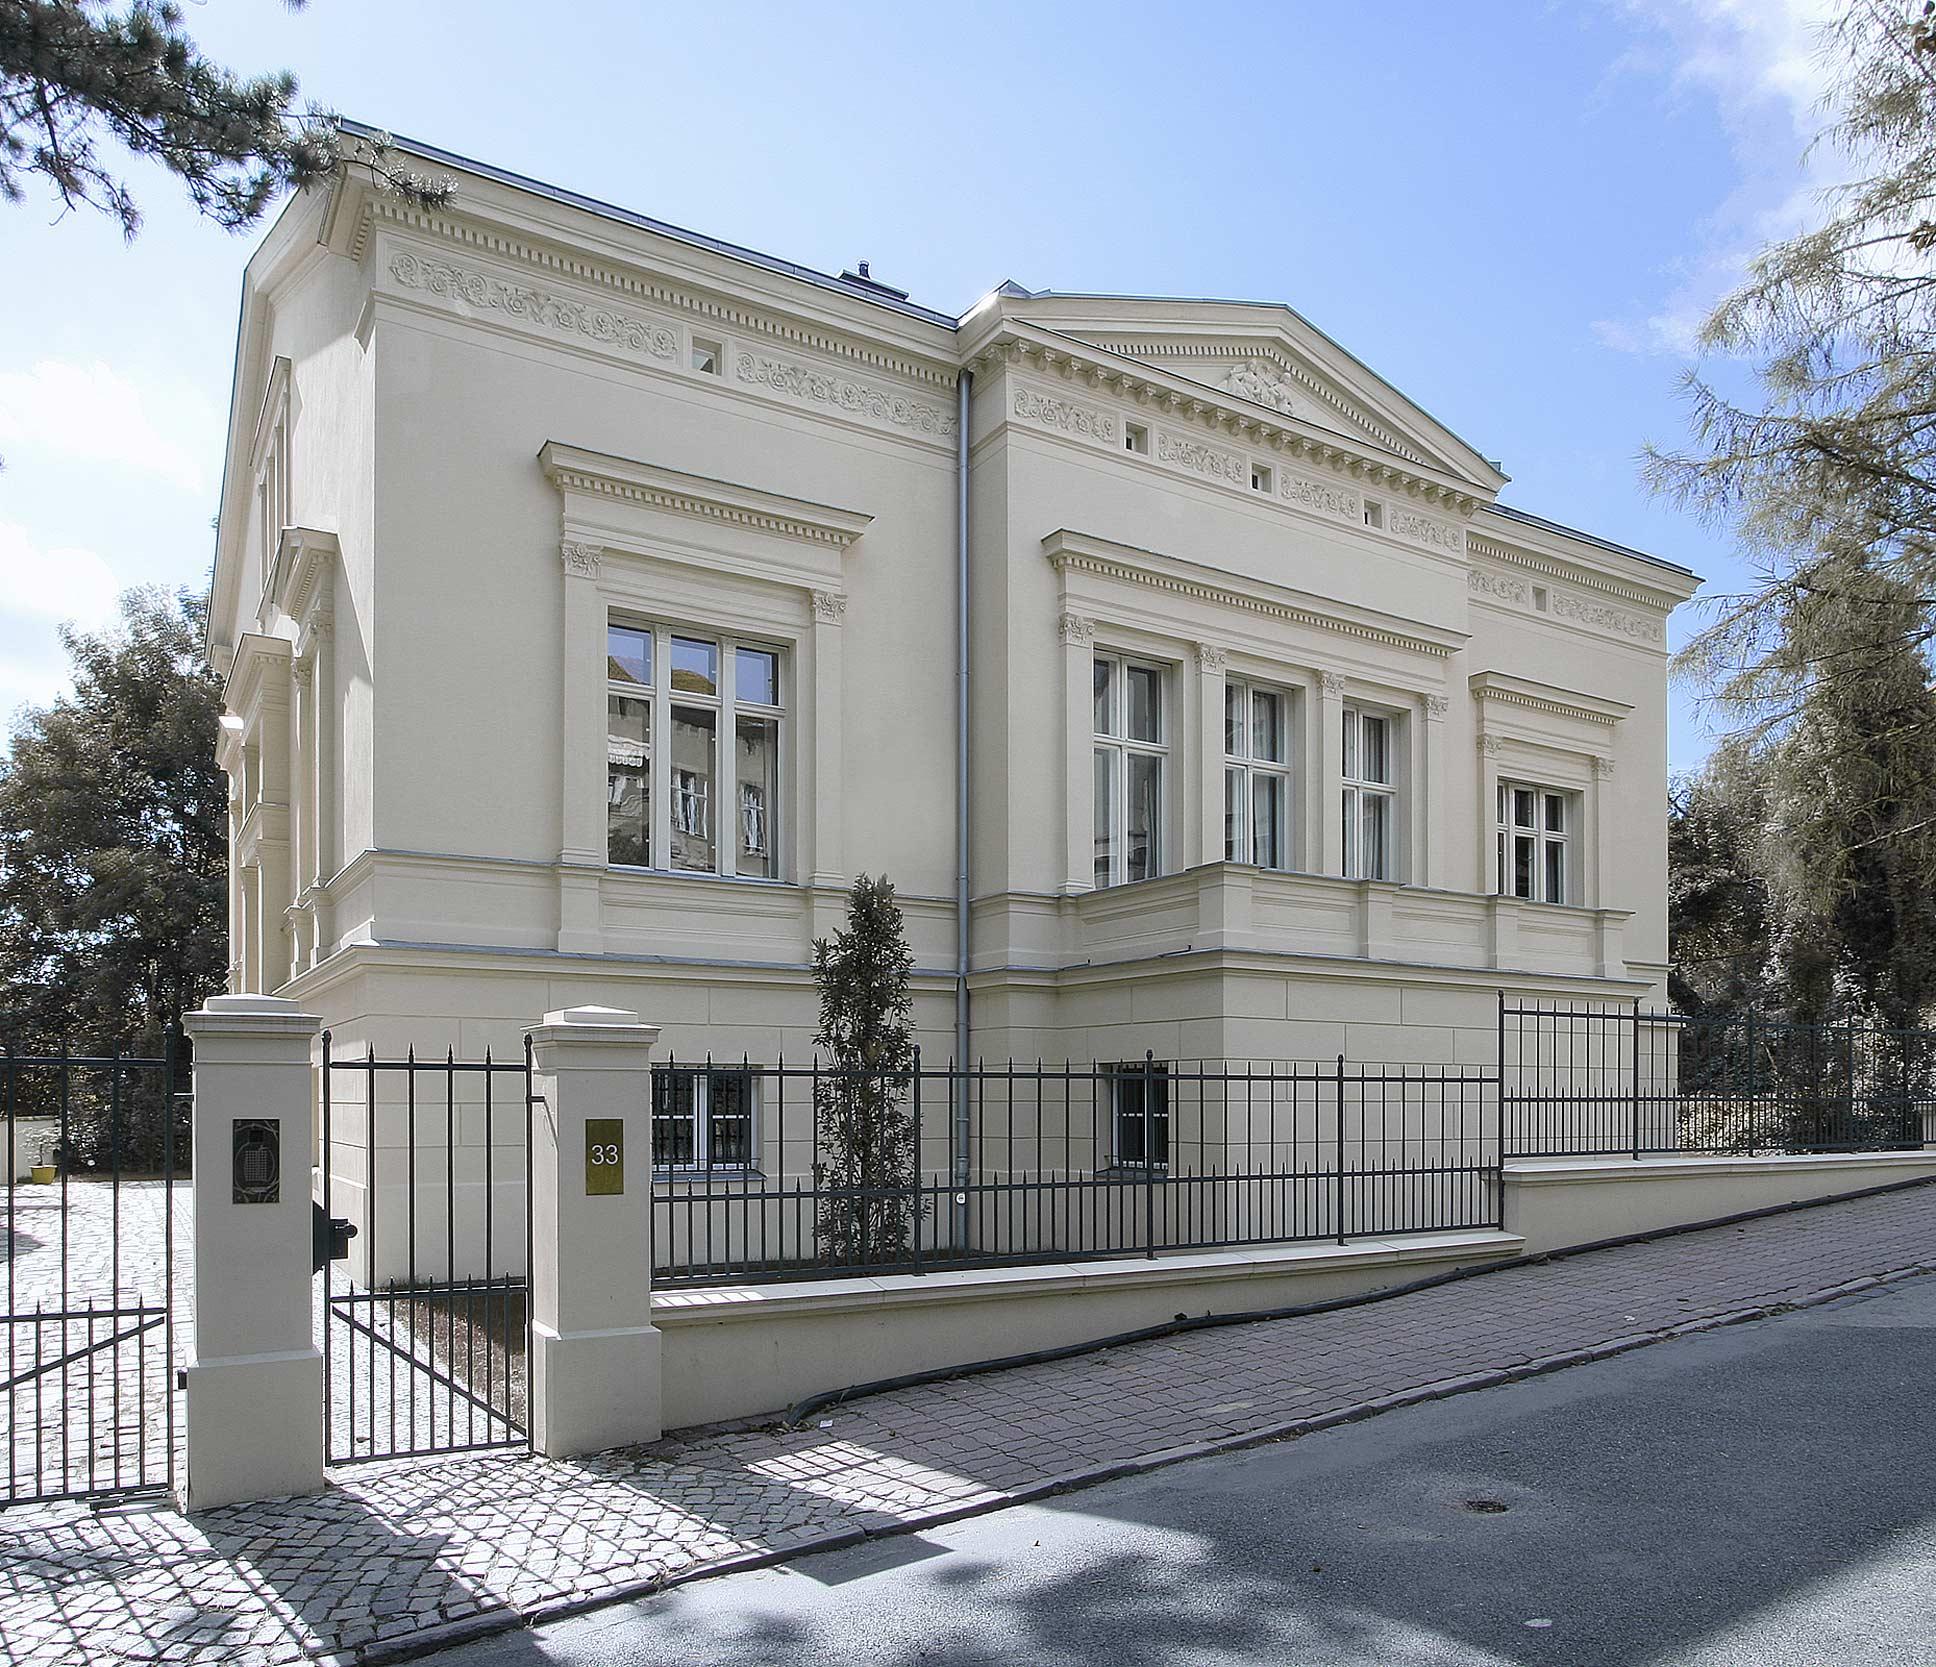 Die Straßenfassade mit klassischem Mittelrisalit und Giebeldreieck